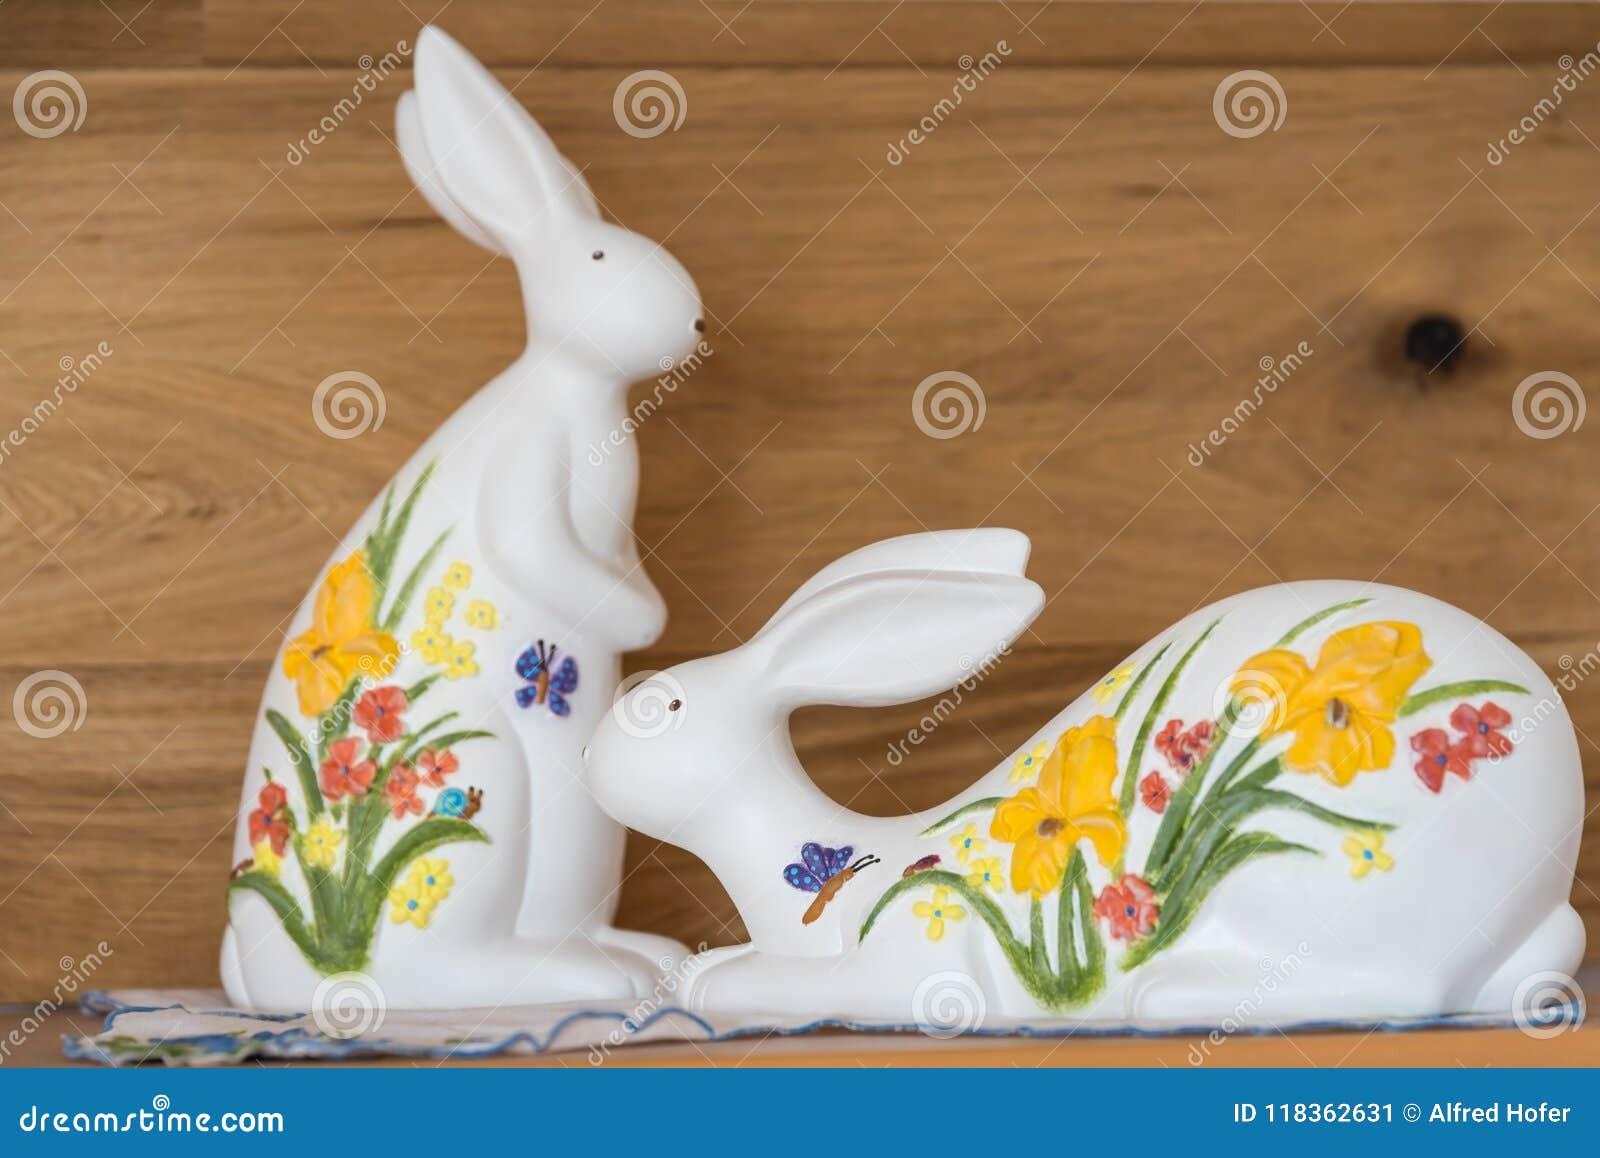 Coniglietti di pasqua dipinti come decorazione